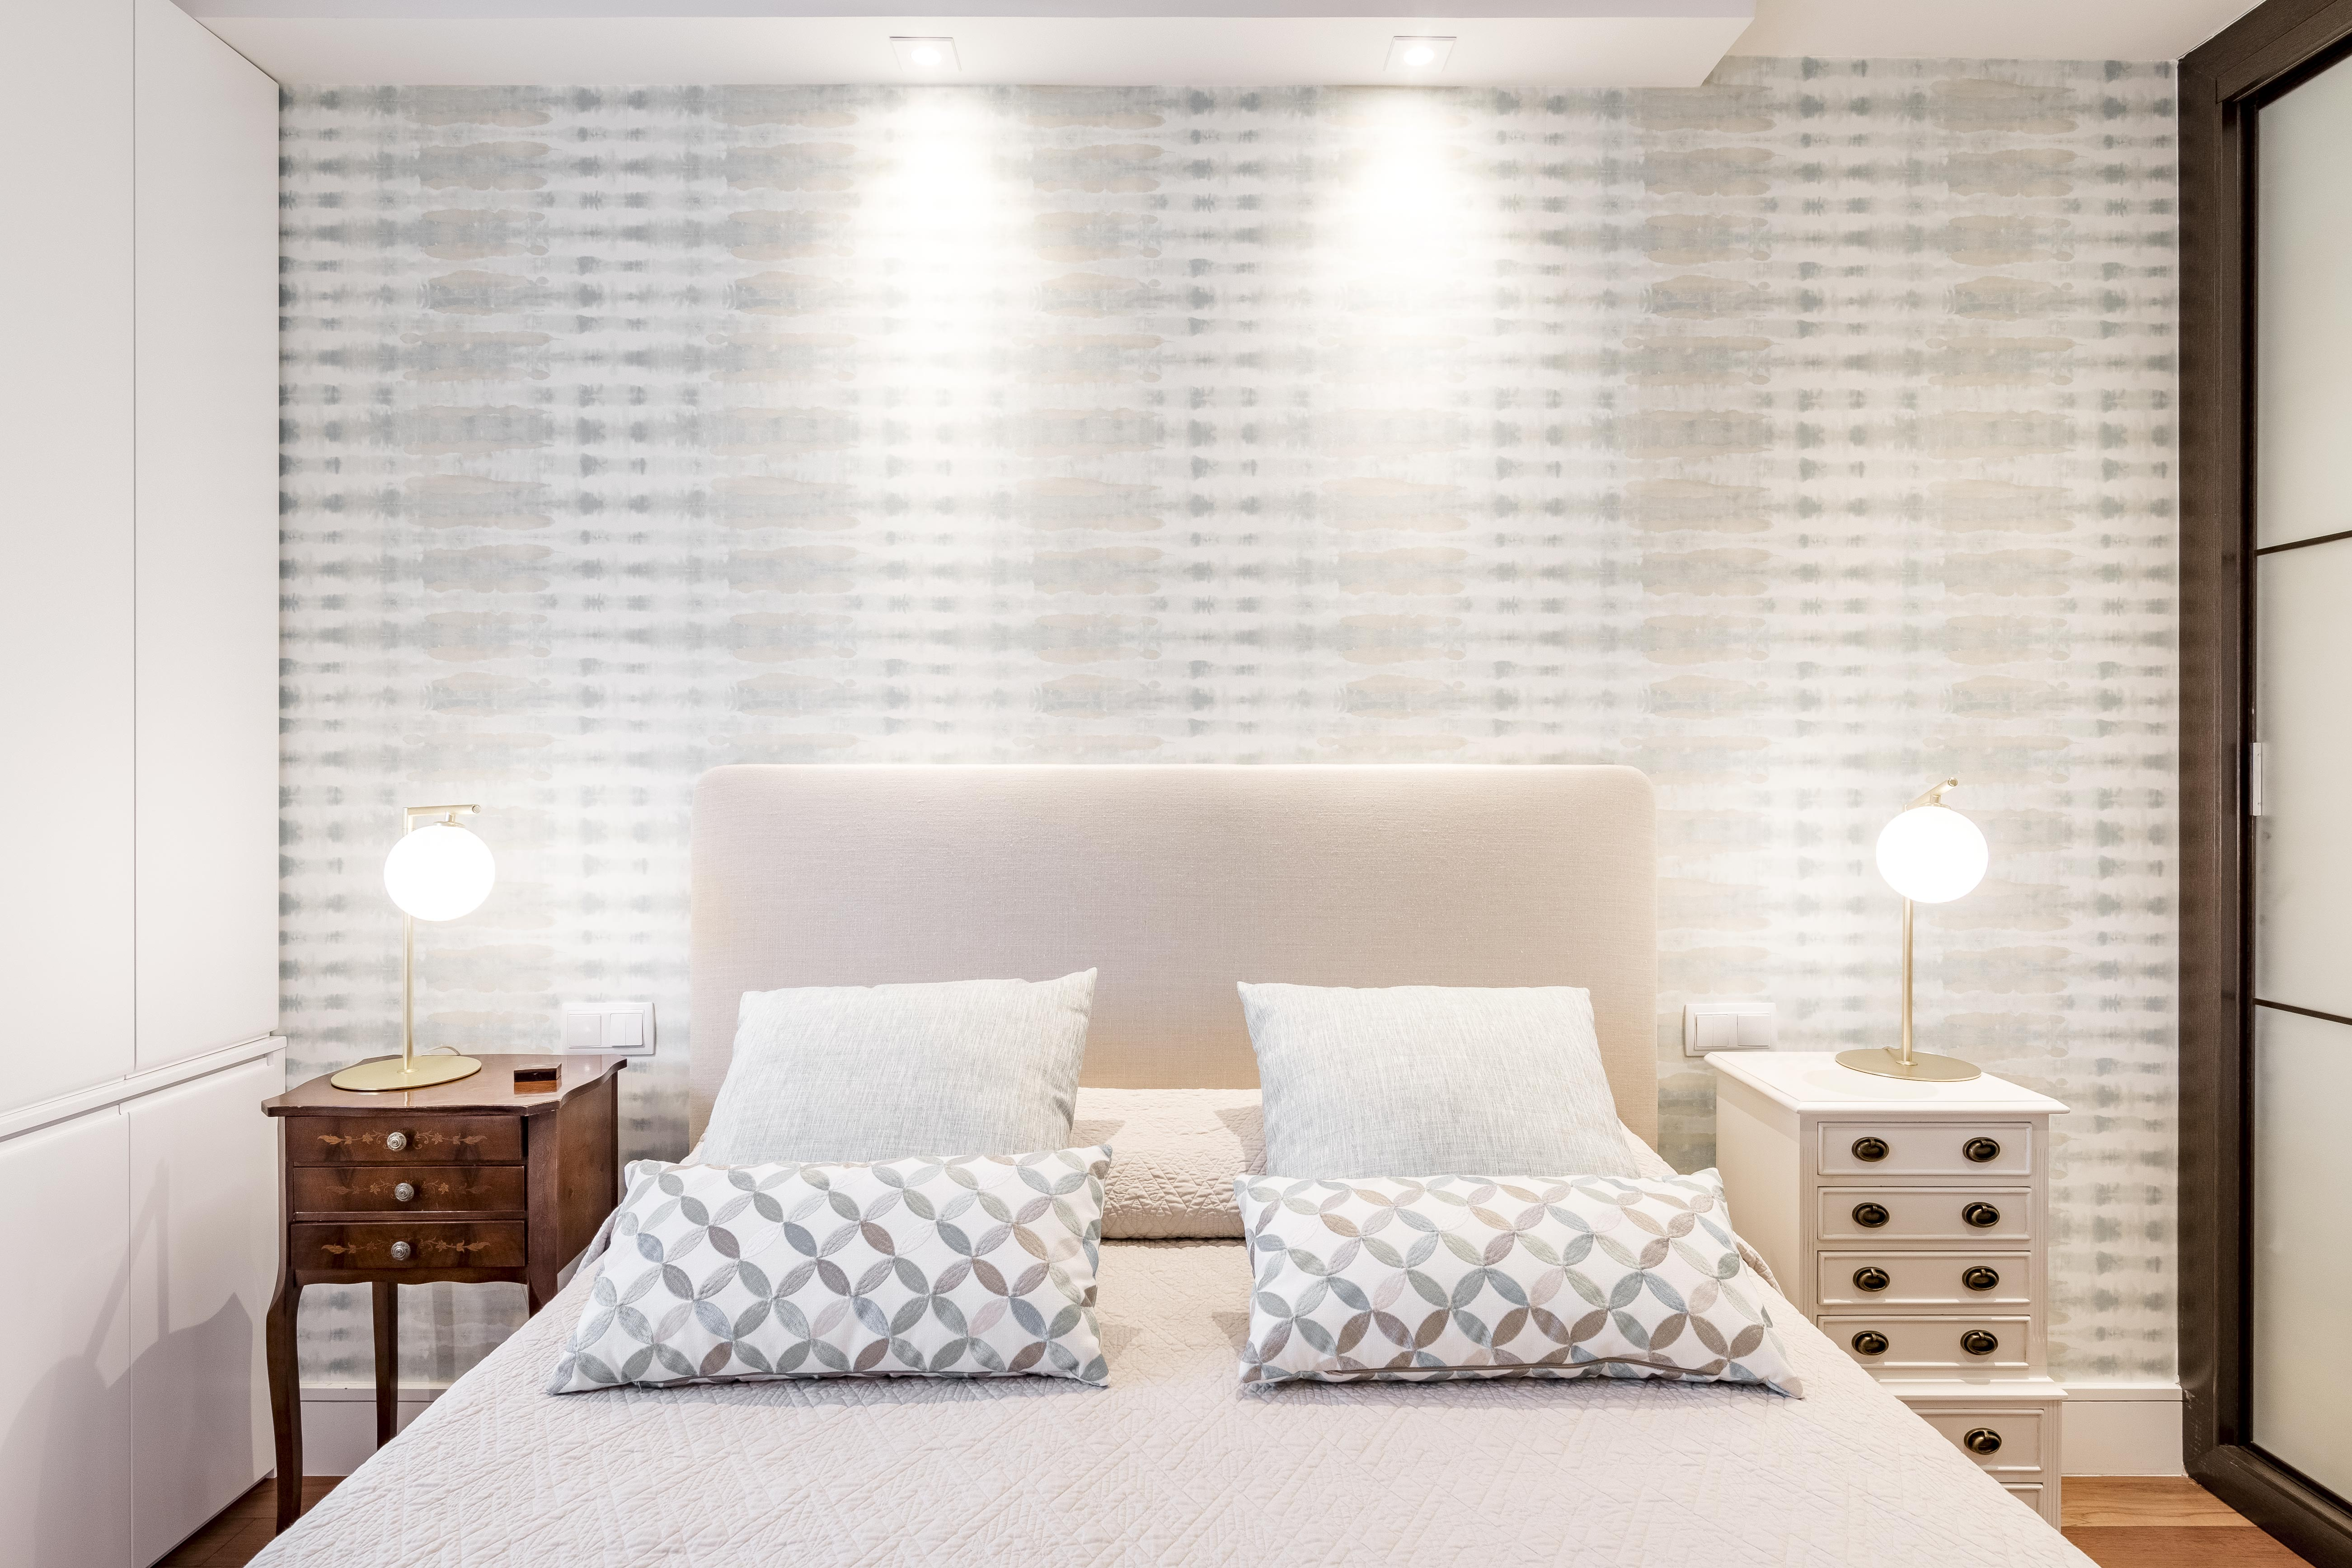 Interiorismo dormitorio en madrid - Ana de Cabo (4)